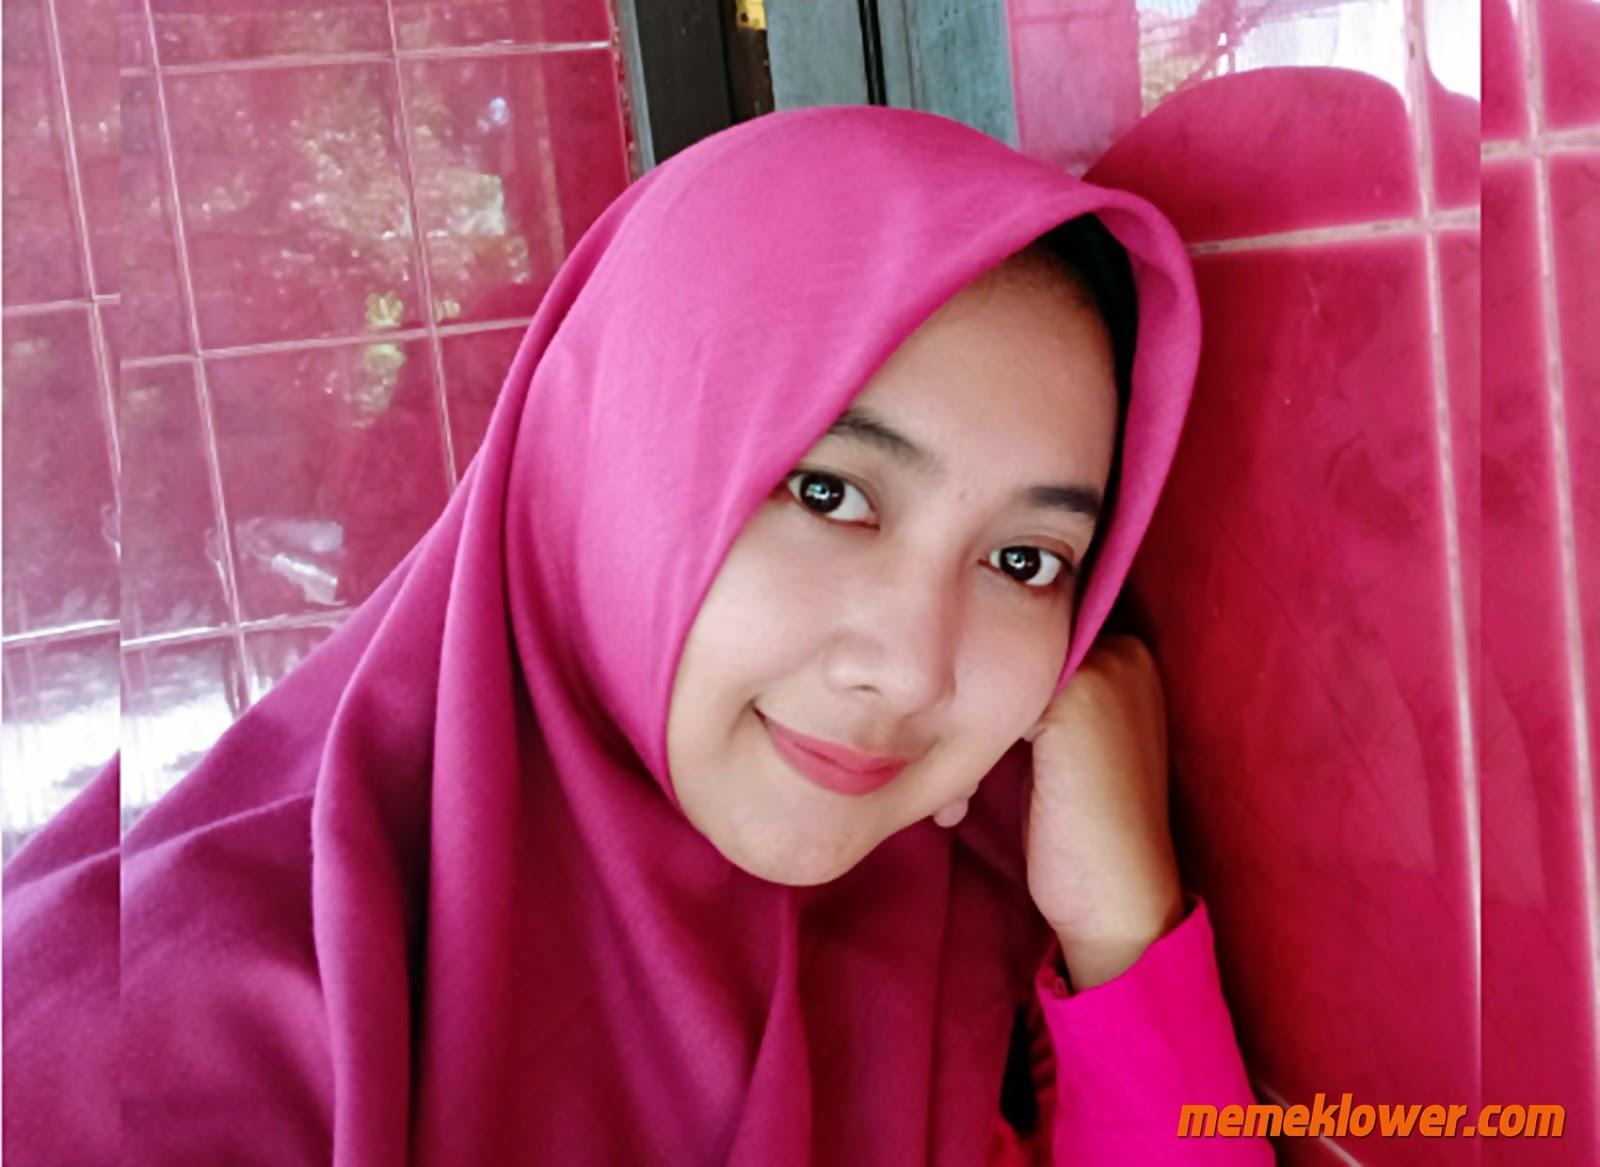 foto-bugil-tante-cantik-jilbab-montok-telanjang-1